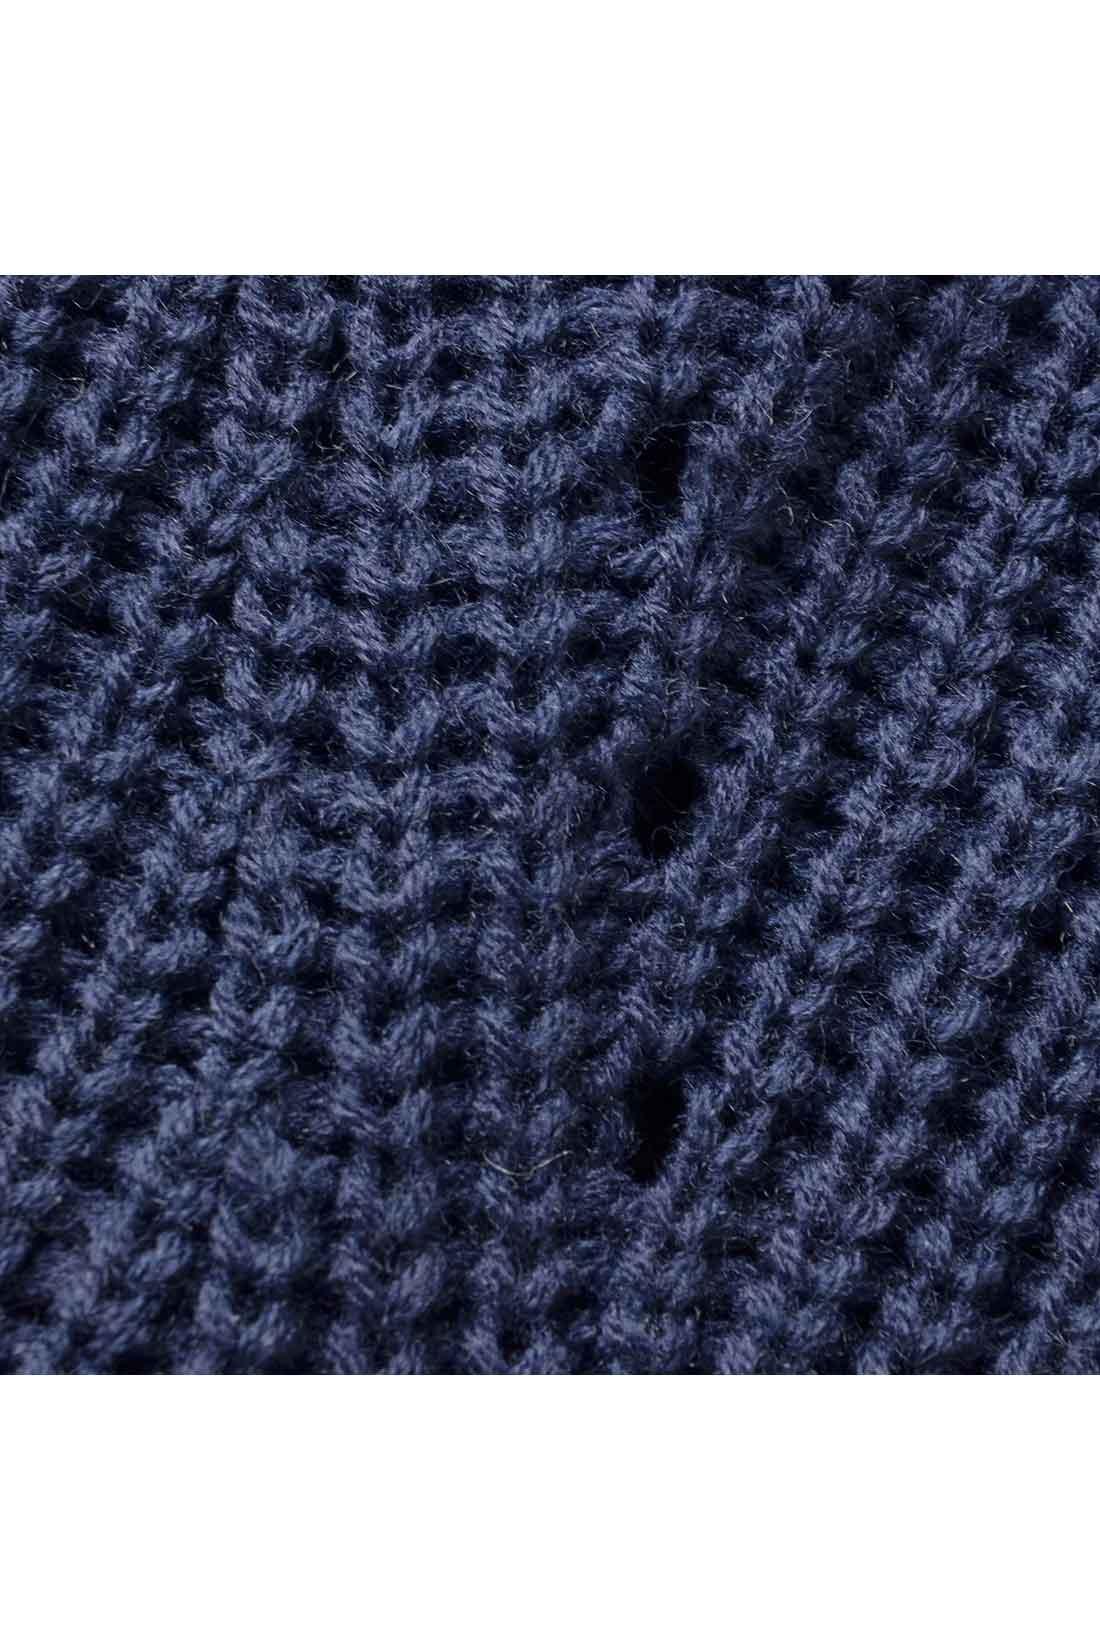 体形をひろいすぎないミドルゲージの片あぜ編みニット。軽くからだに沿う感じで、細見せにうれしいアイレットもほどこしました。